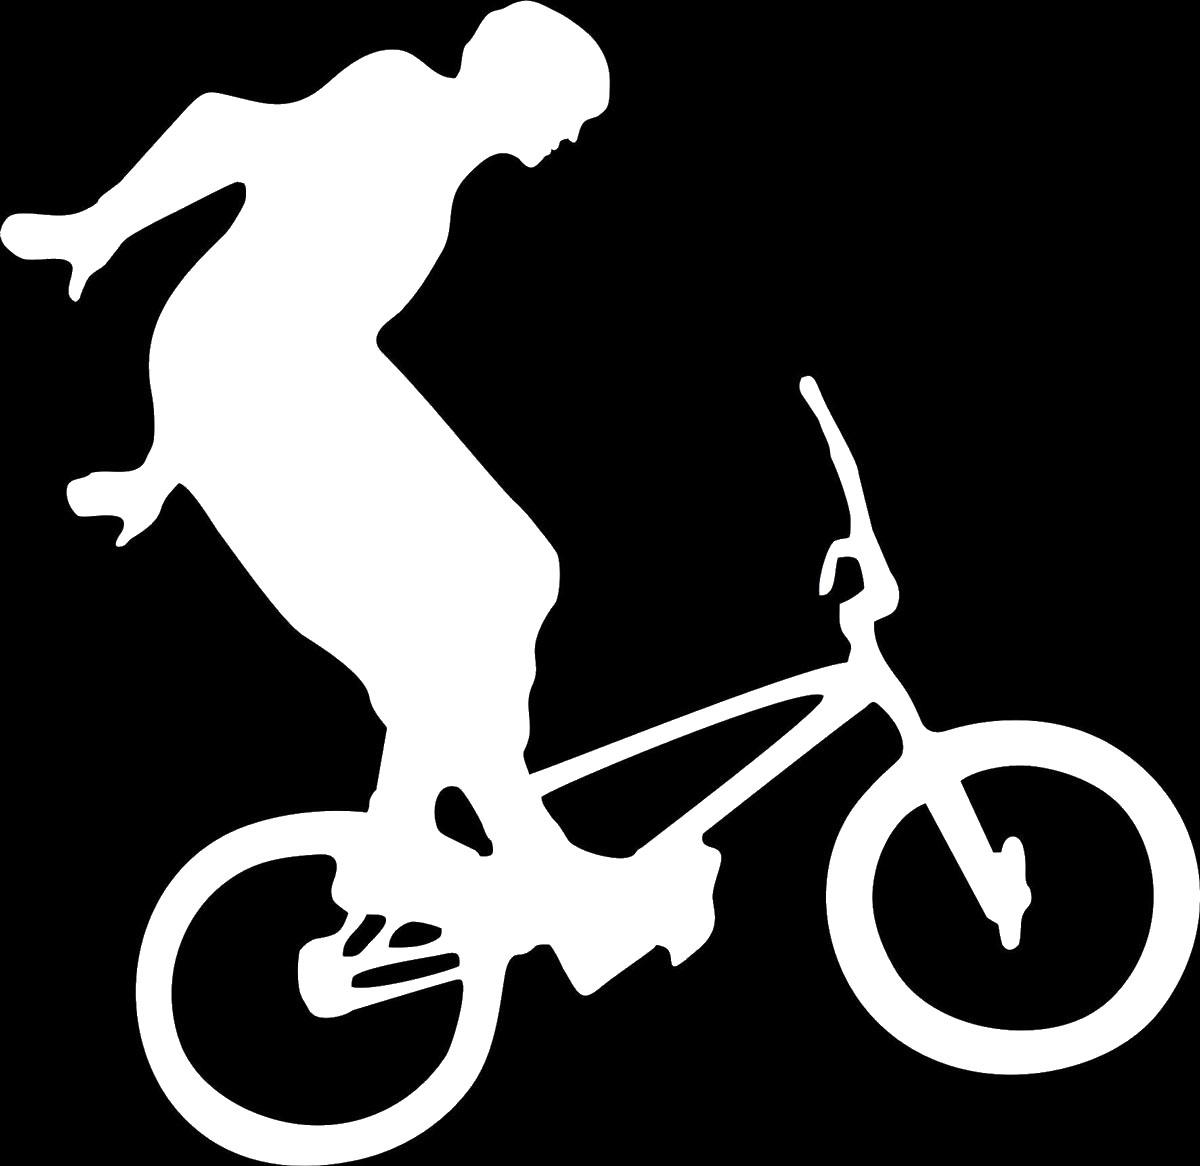 Наклейка автомобильная Оранжевый слоник Велосипедист 3, виниловая, цвет: белый150SP00016WОригинальная наклейка Оранжевый слоник Велосипедист 3 изготовлена из высококачественной виниловой пленки, которая выполняет не только декоративную функцию, но и защищает кузов автомобиля от небольших механических повреждений, либо скрывает уже существующие.Виниловые наклейки на автомобиль - это не только красиво, но еще и быстро! Всего за несколько минут вы можете полностью преобразить свой автомобиль, сделать его ярким, необычным, особенным и неповторимым!